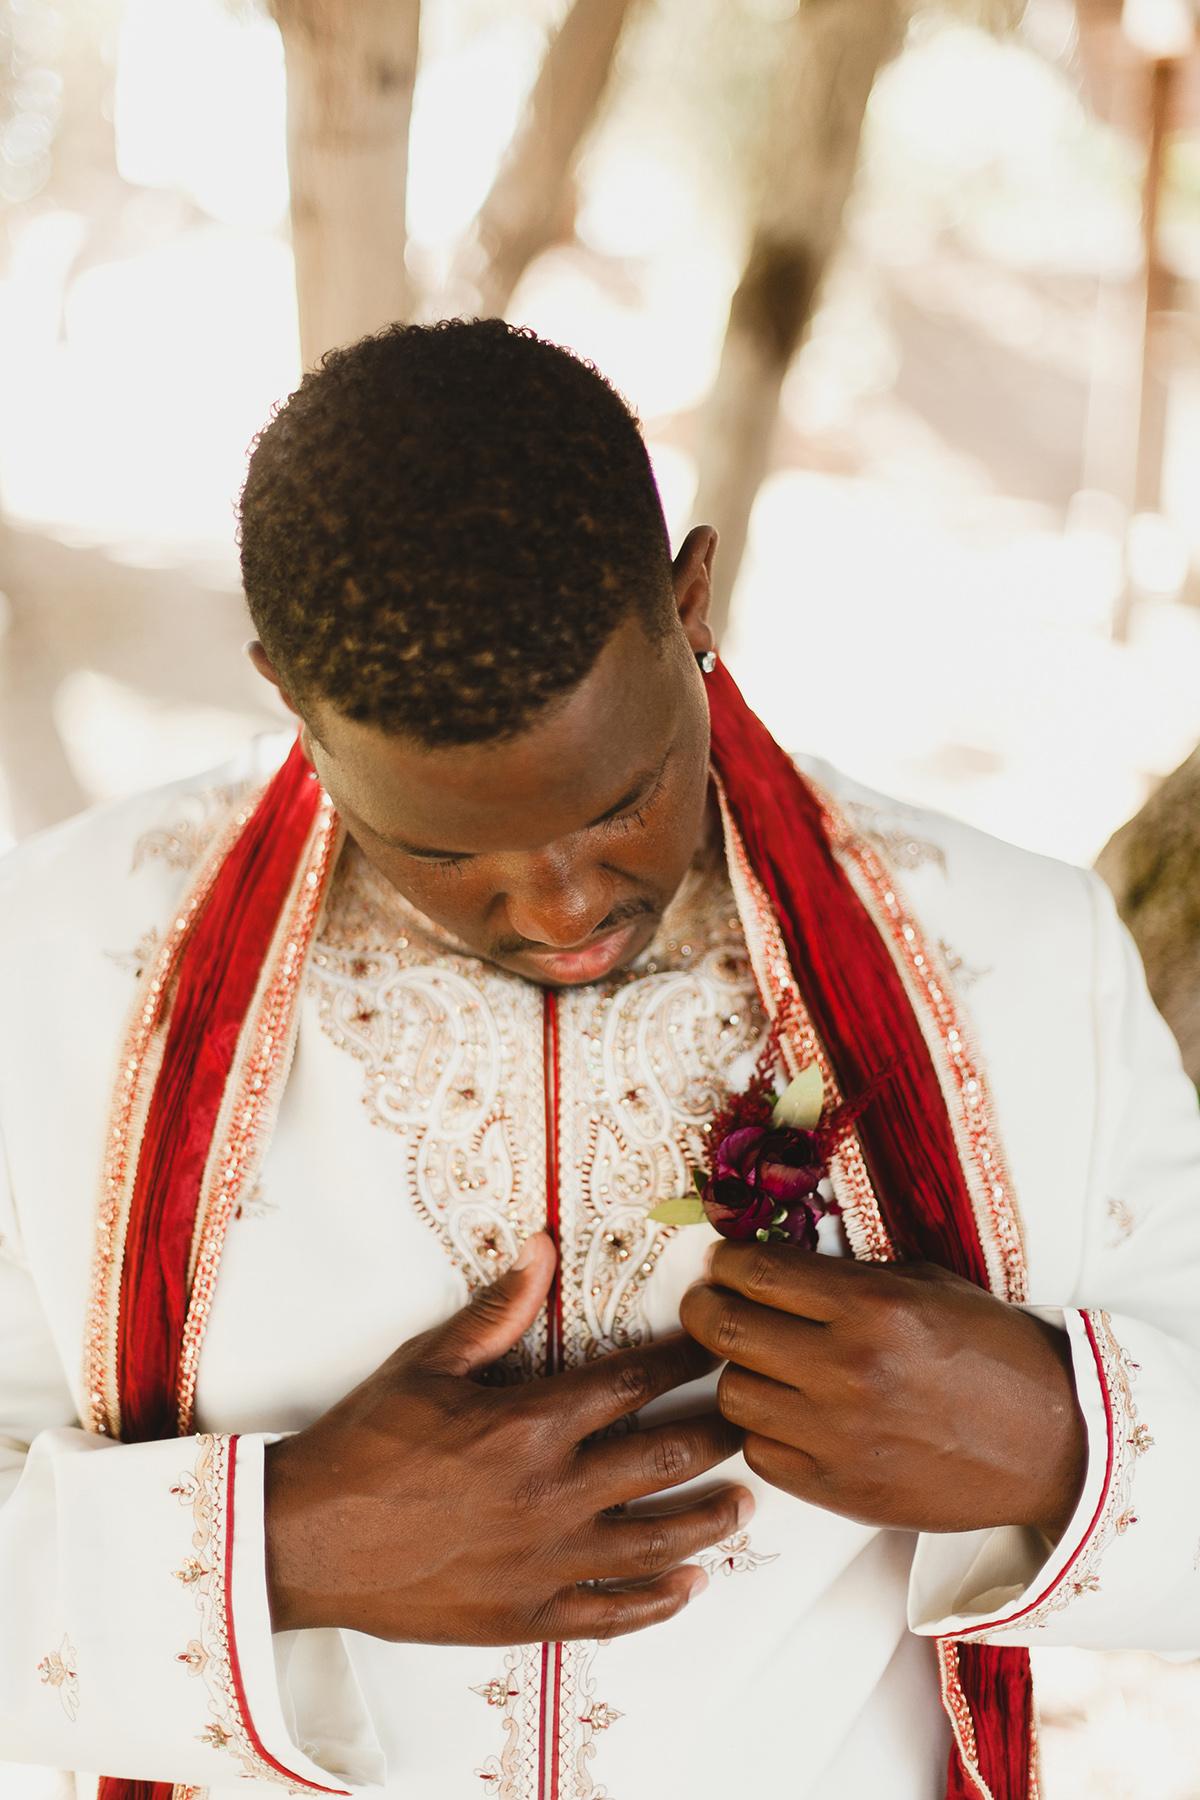 jas_theo_lakeoak_meadows_wedding_-024.jpg